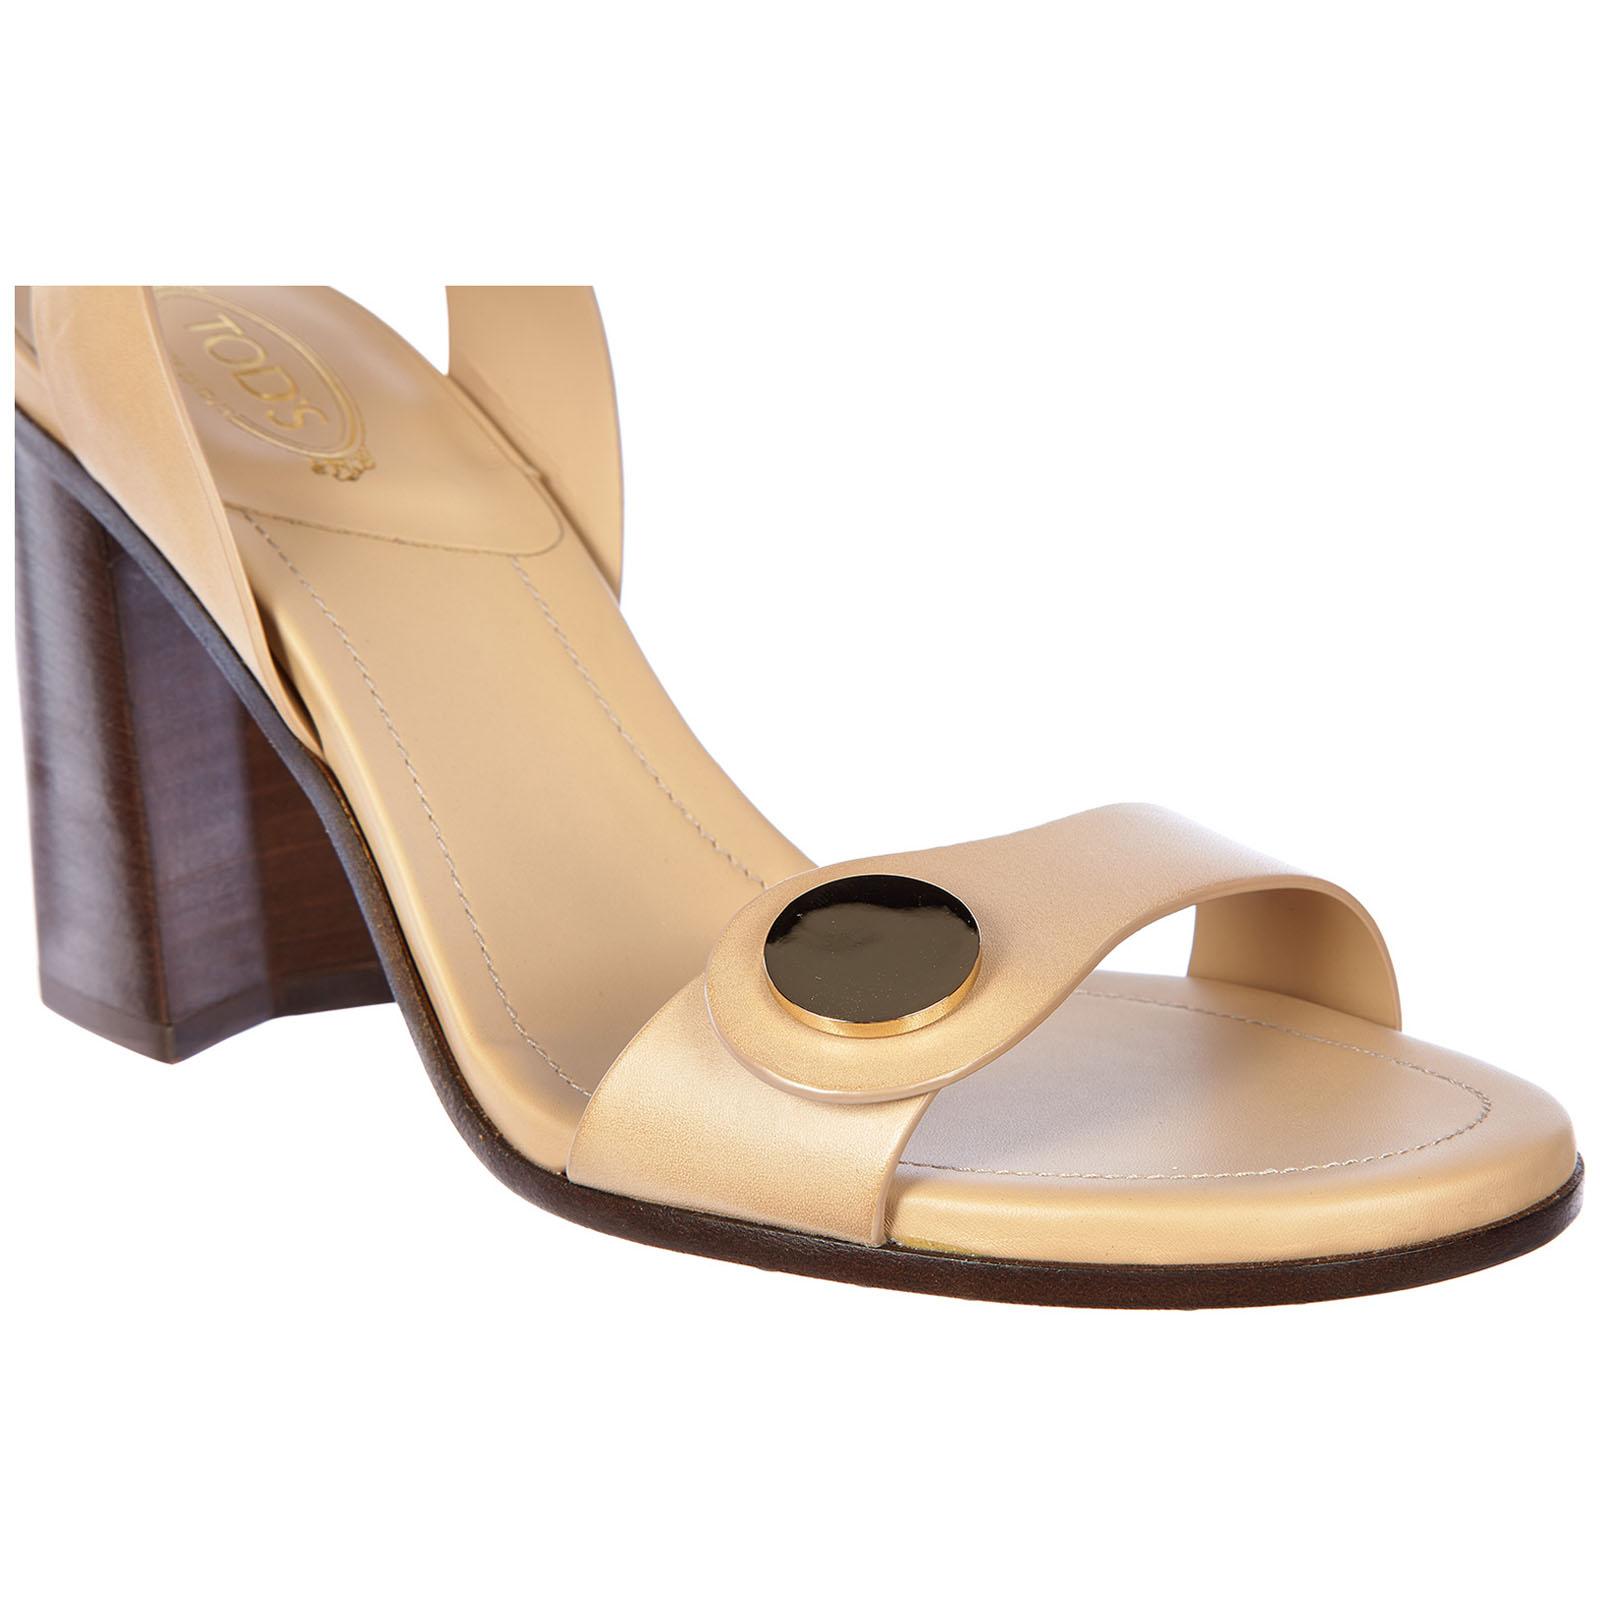 Sandales femme à talon en cuir